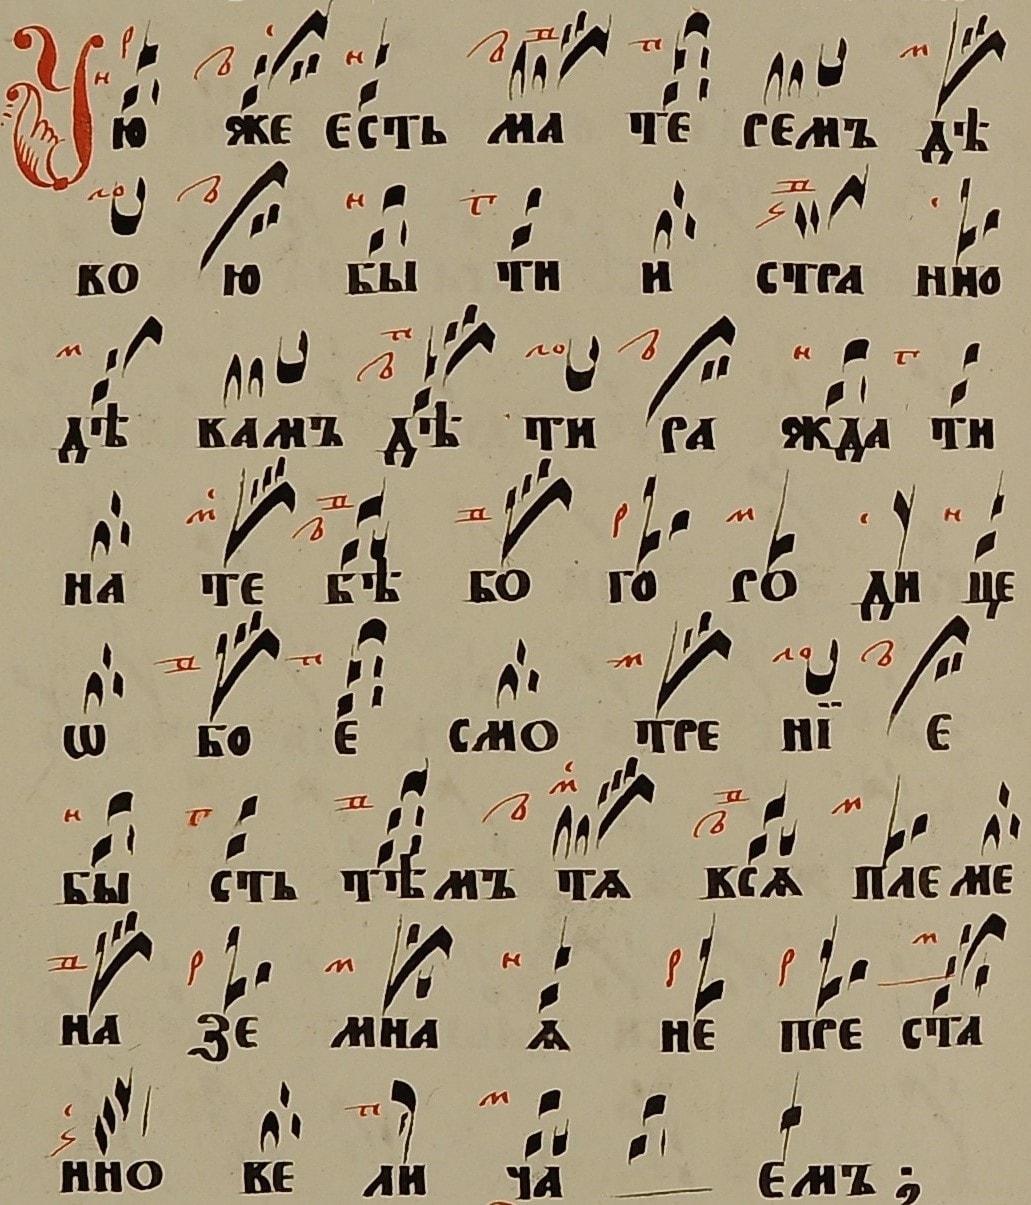 rozhestvo-bogorodicy-vtorojj-tvorec-kir-andrejj-irmos-9-pesni-8-glas-2-min